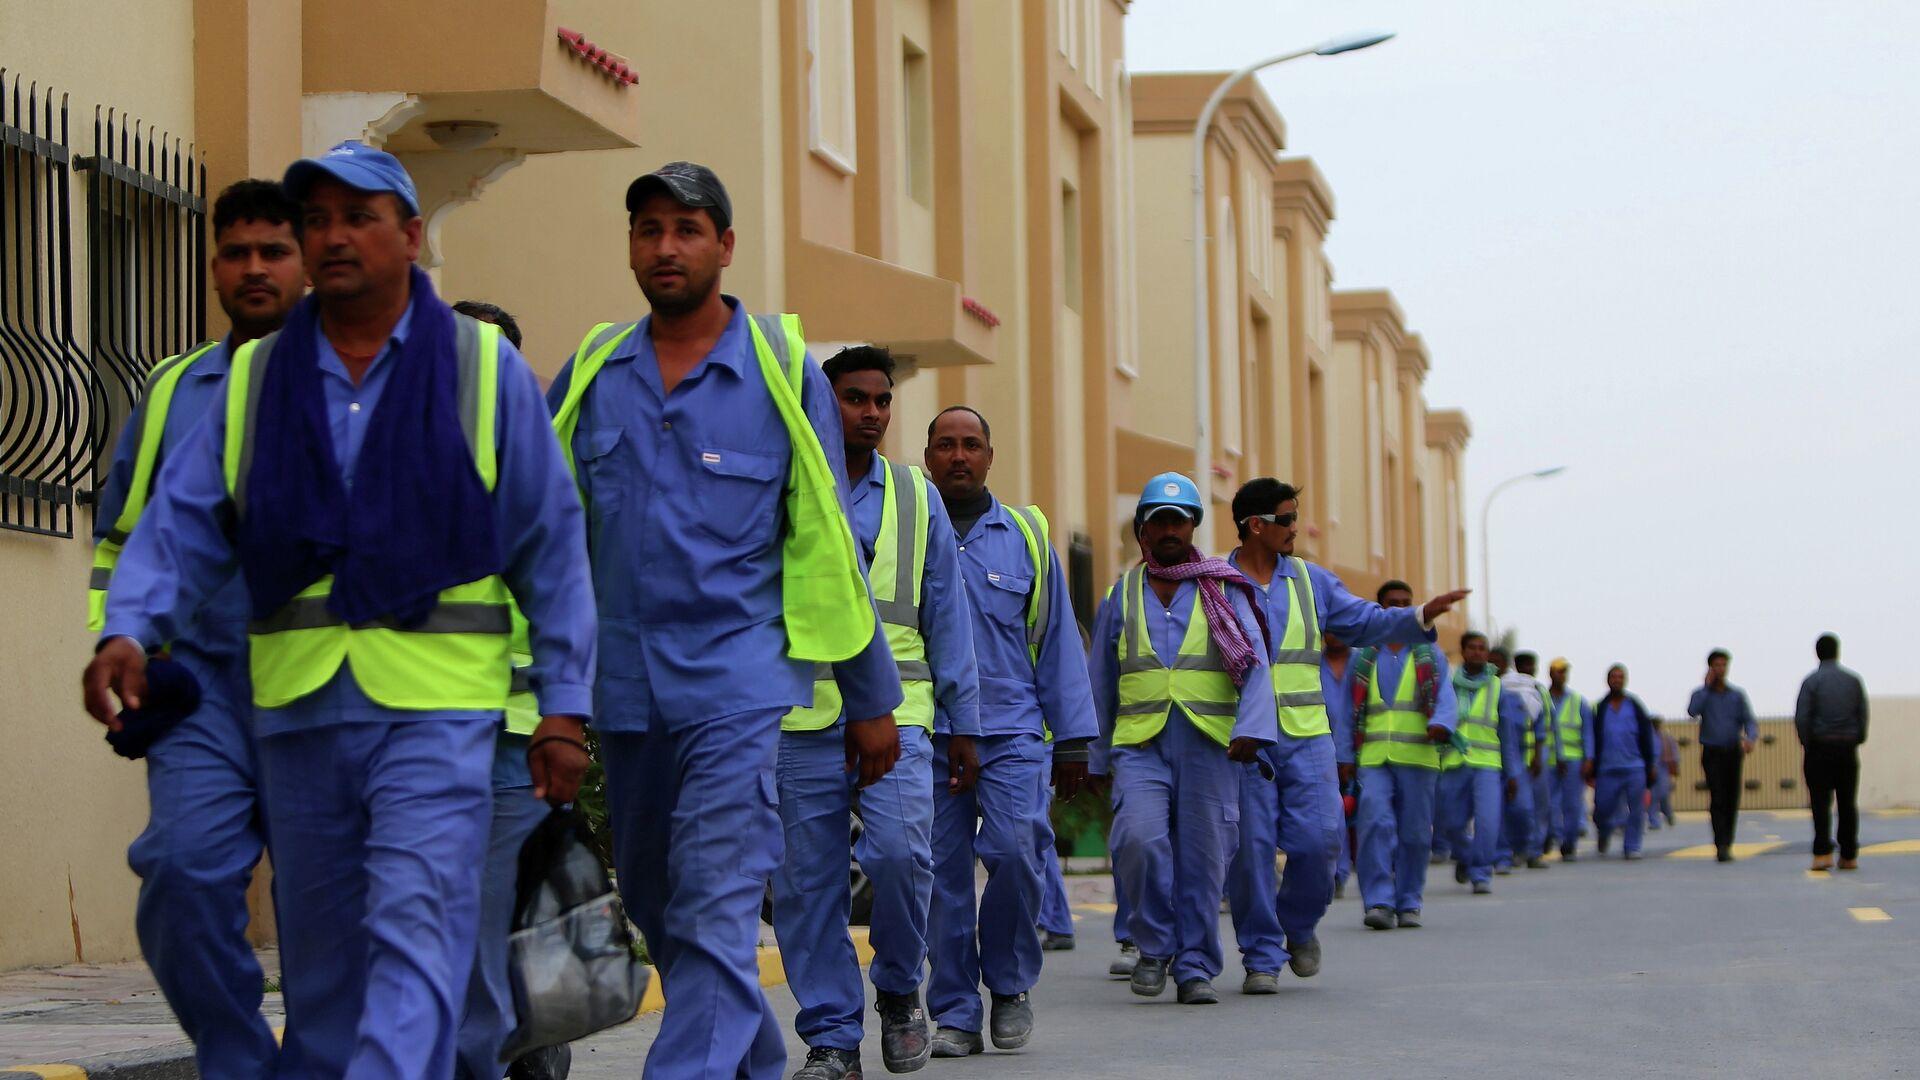 Рабочие в Катаре во время строительства стадиона к чемпионата мира по футболу 2022 года - РИА Новости, 1920, 22.04.2021